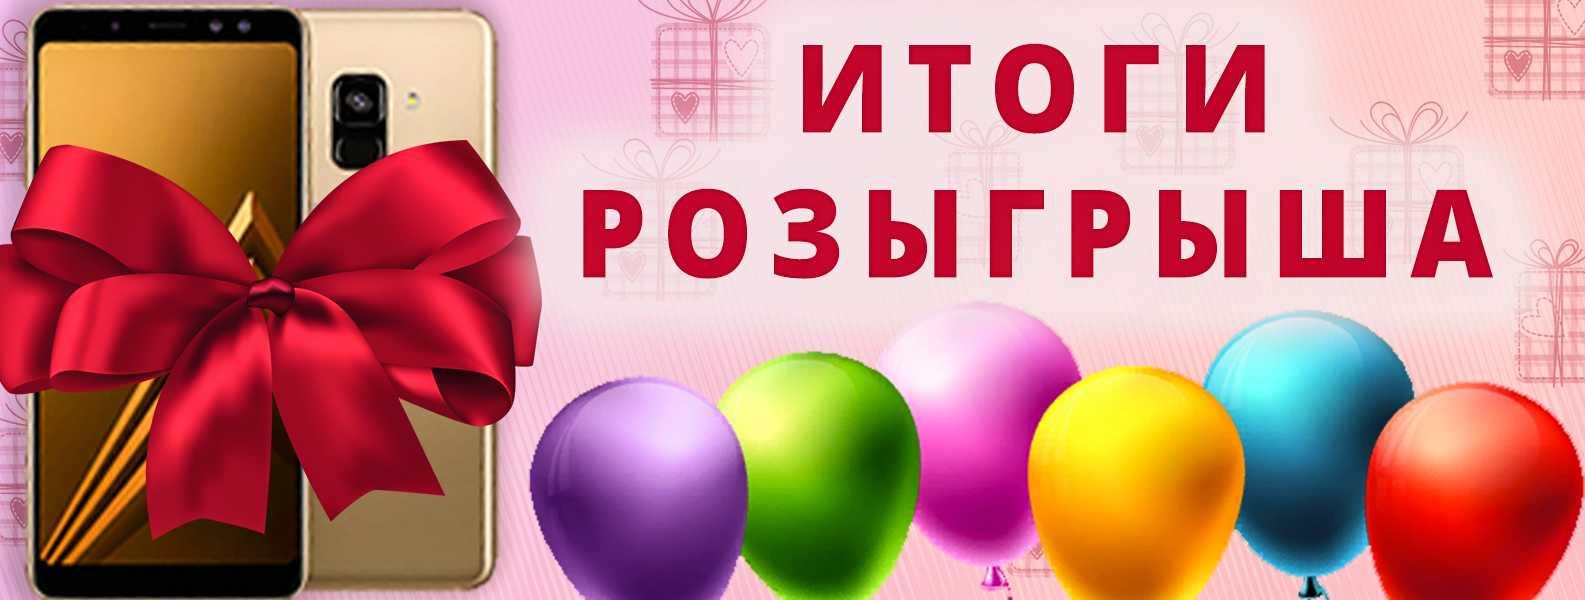 Sjekk russisk lottobillett - rask sjekk etter nummer